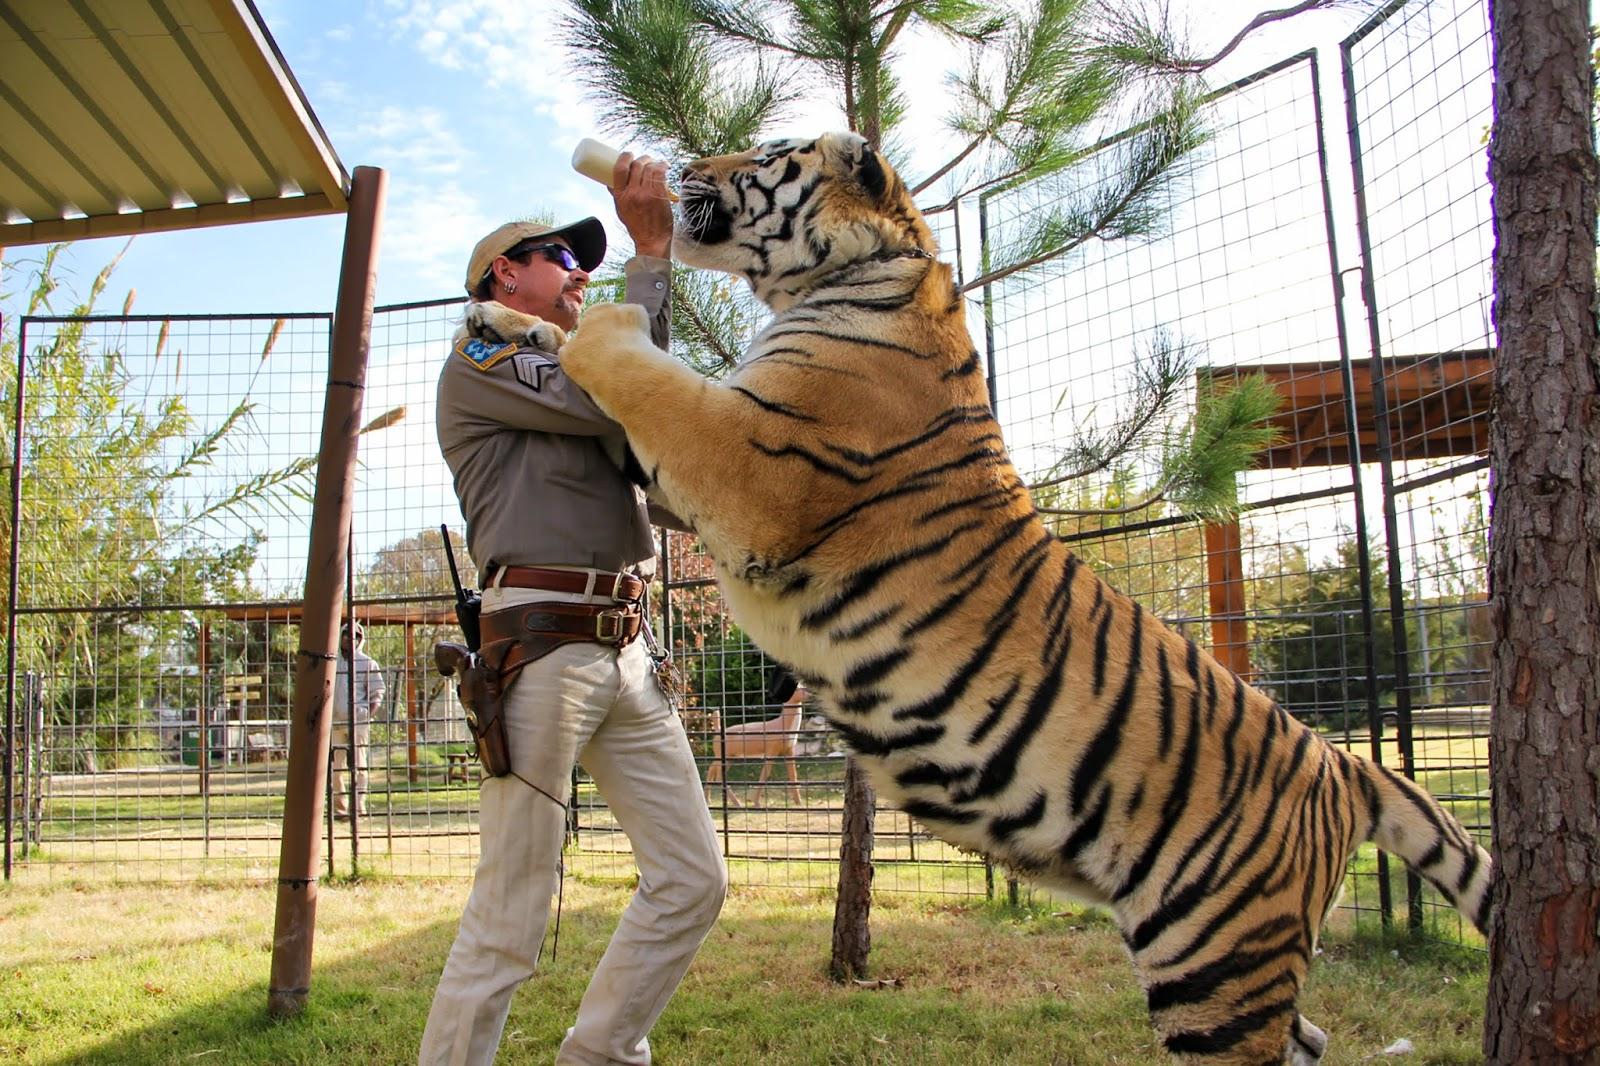 tiger king, król tygrysów, netflix, serial dokumentalny, recenzja